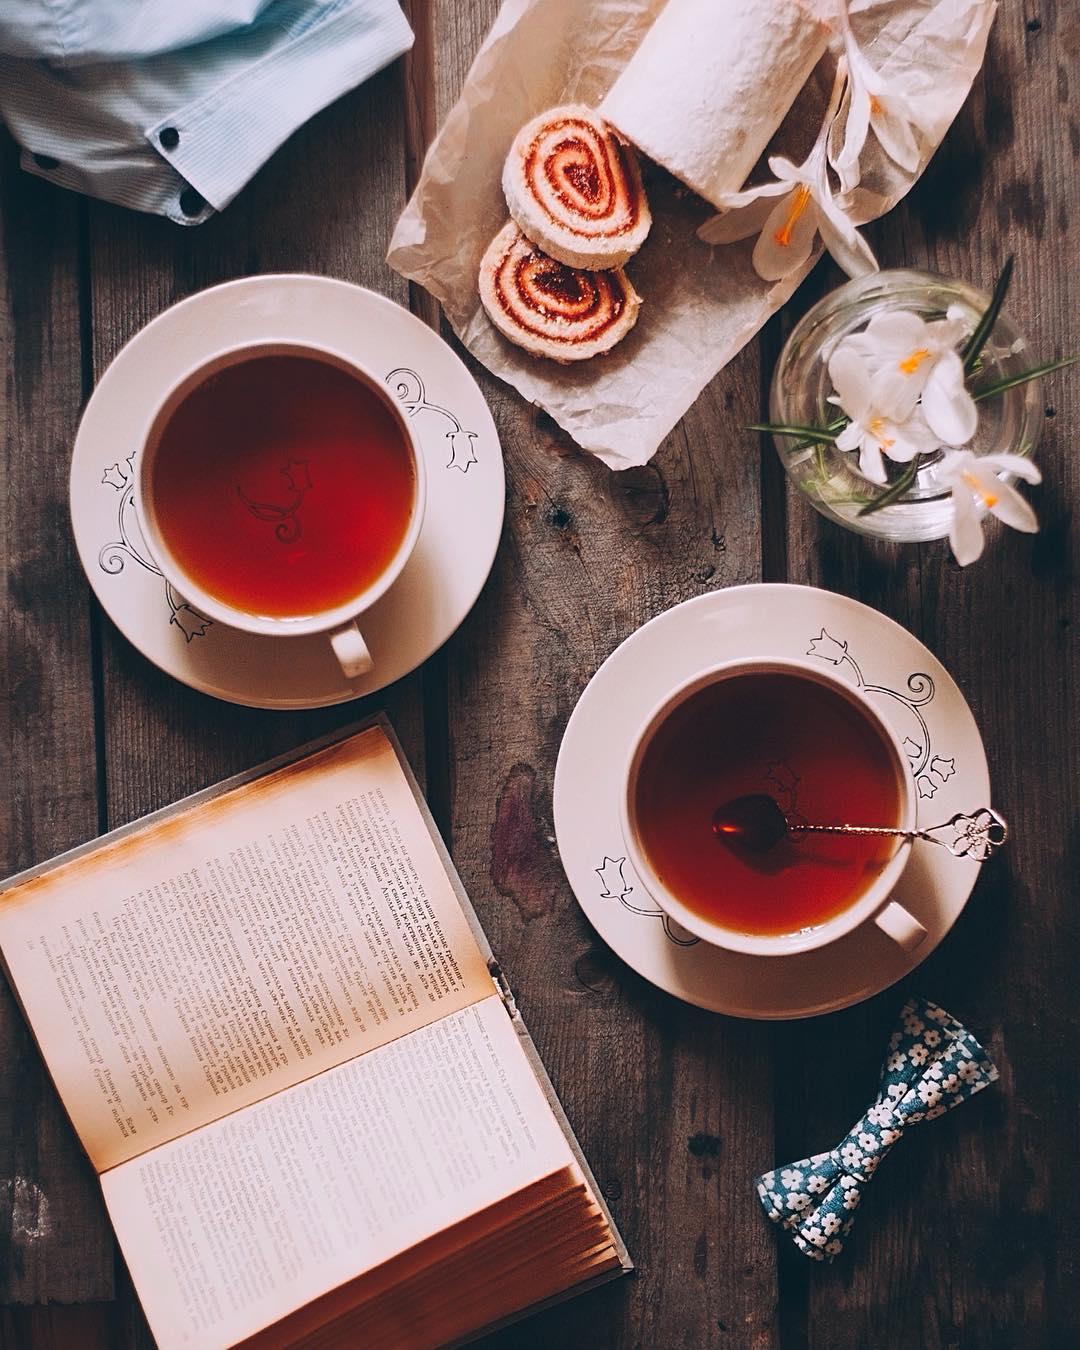 просто красивые картинки книги с чаем давно уже пользуются